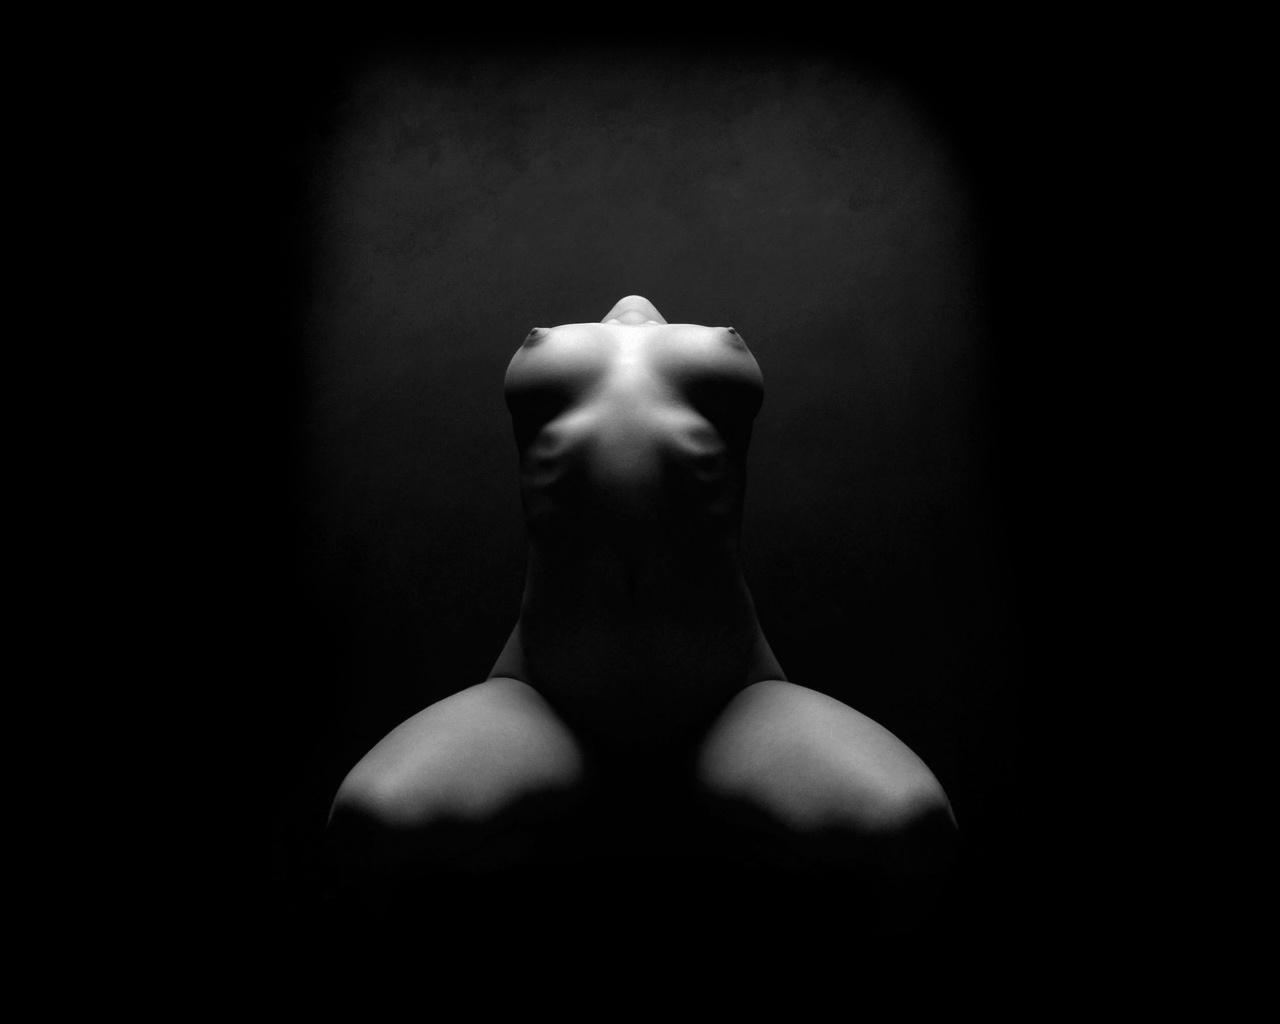 черно белые эротические картинки на рабочий стол